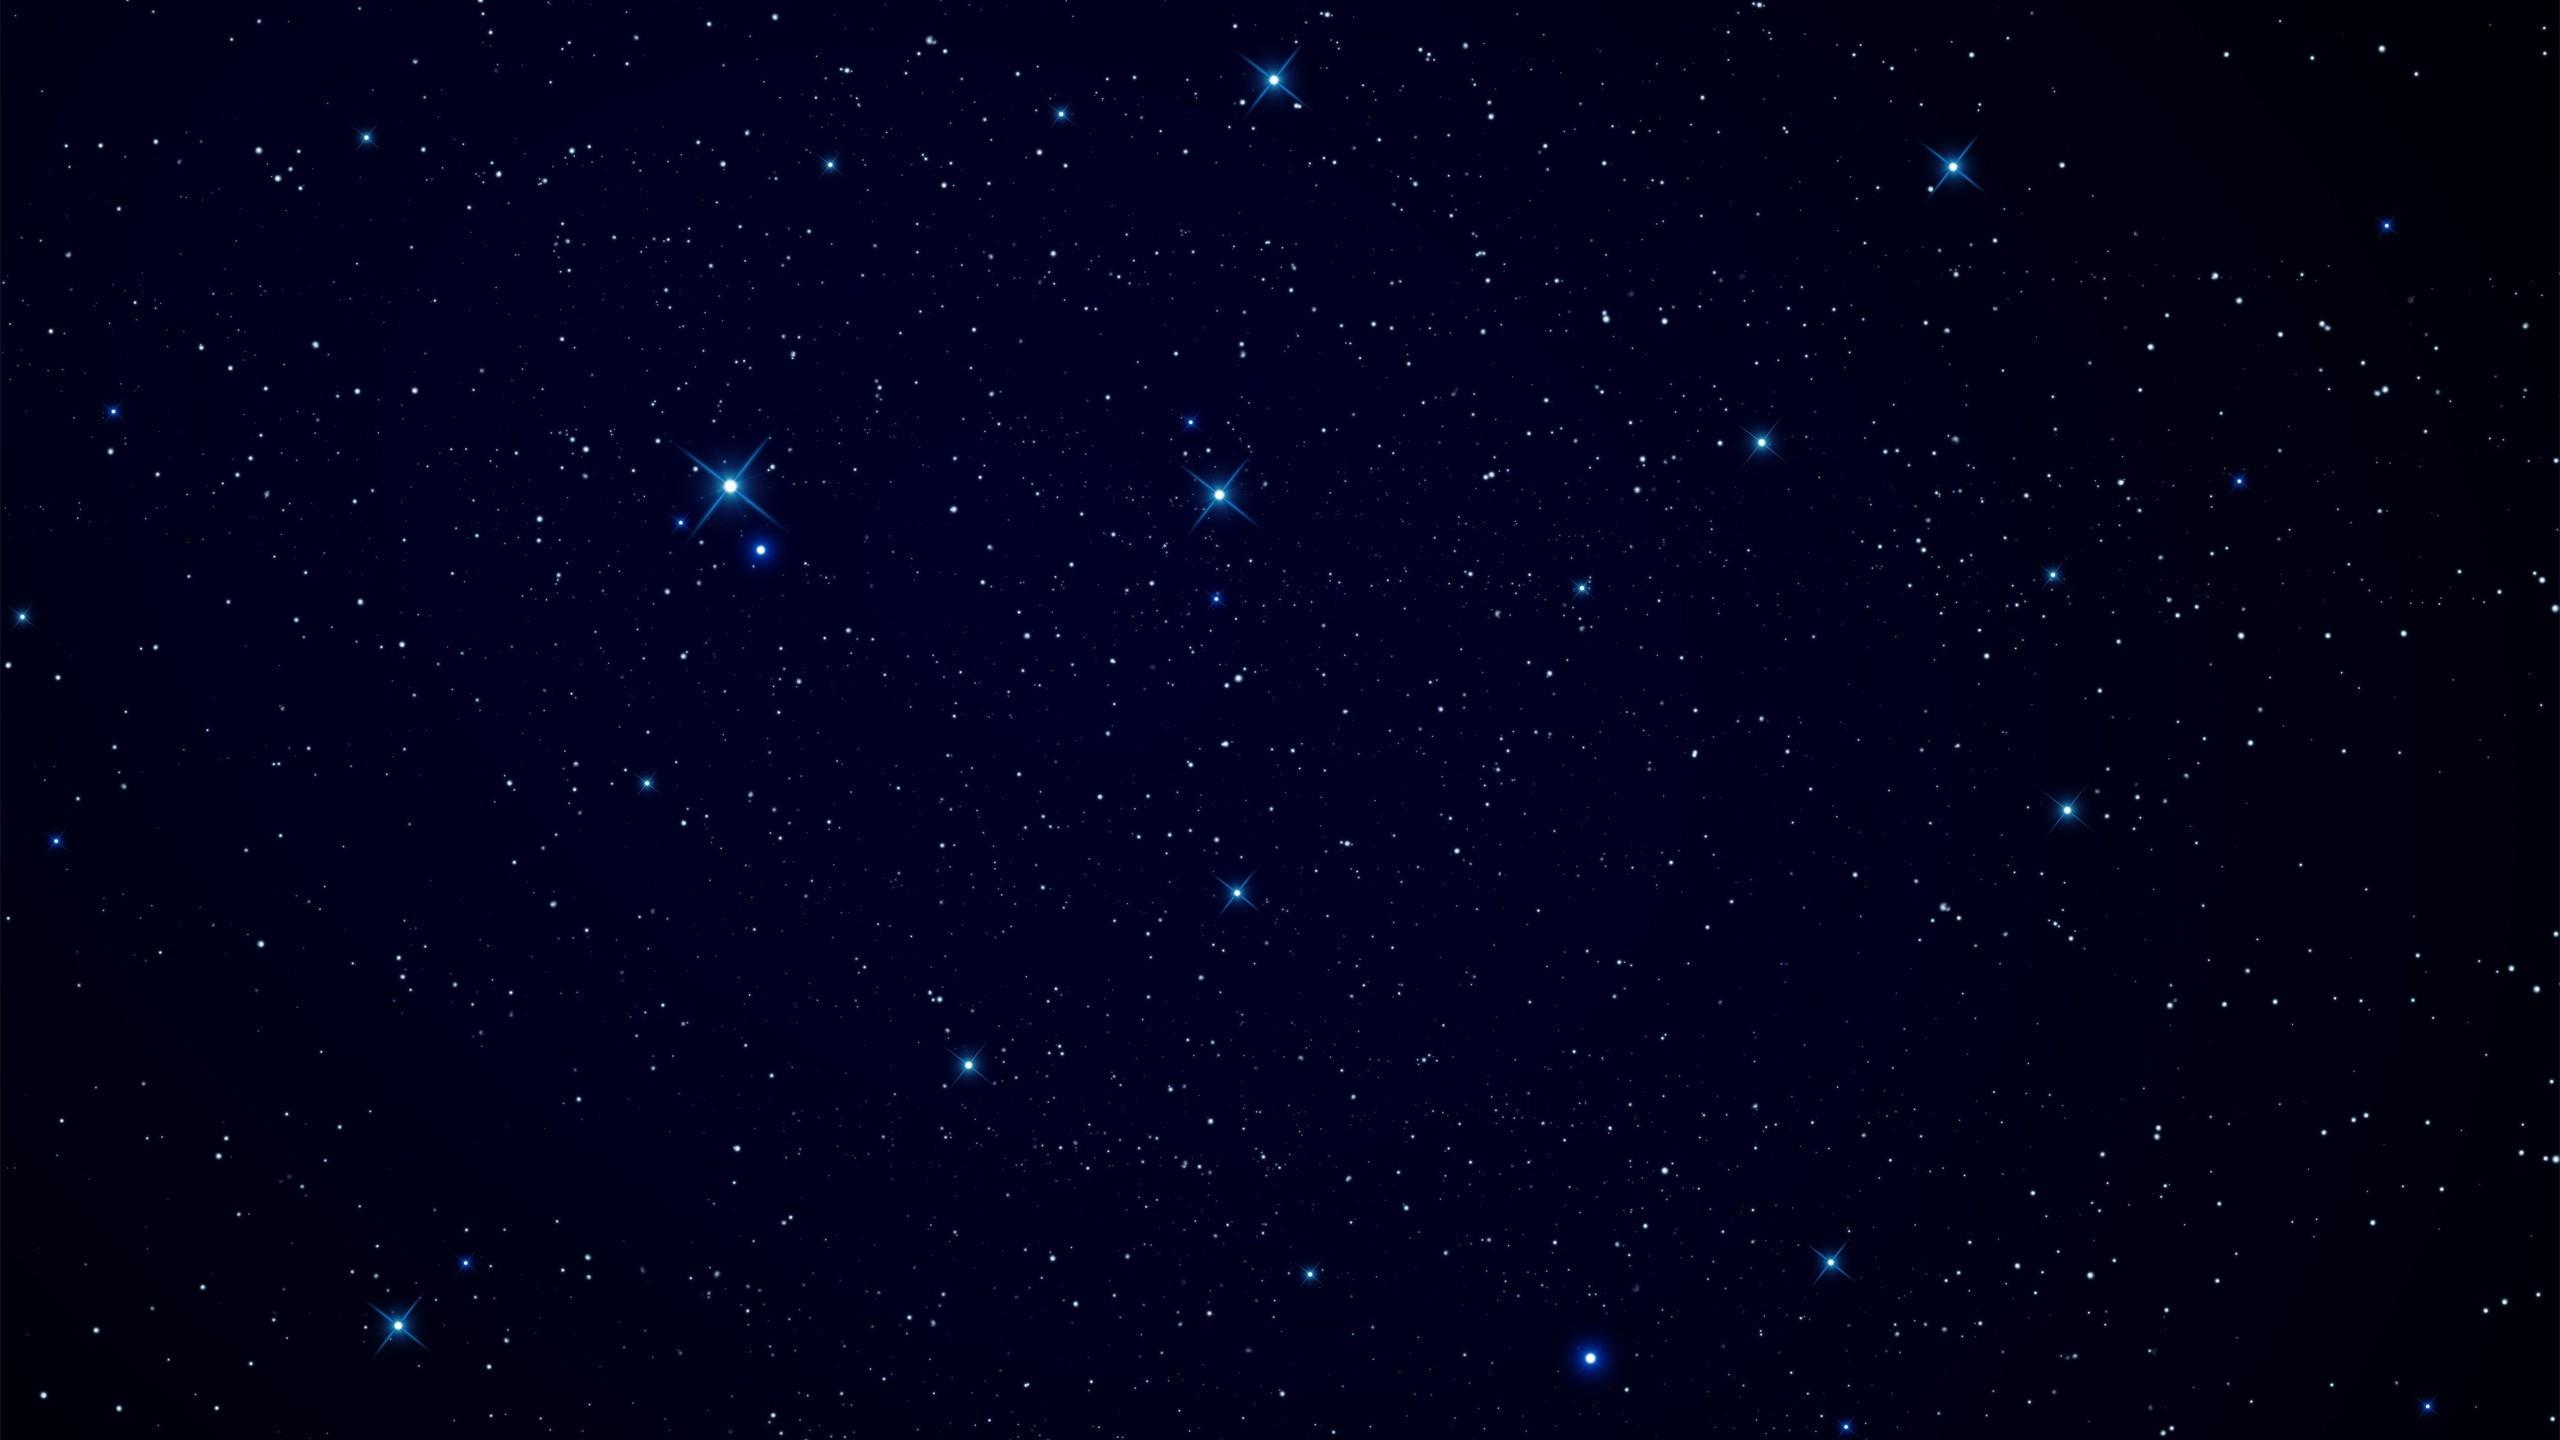 Обои На Телефон Звездное Небо